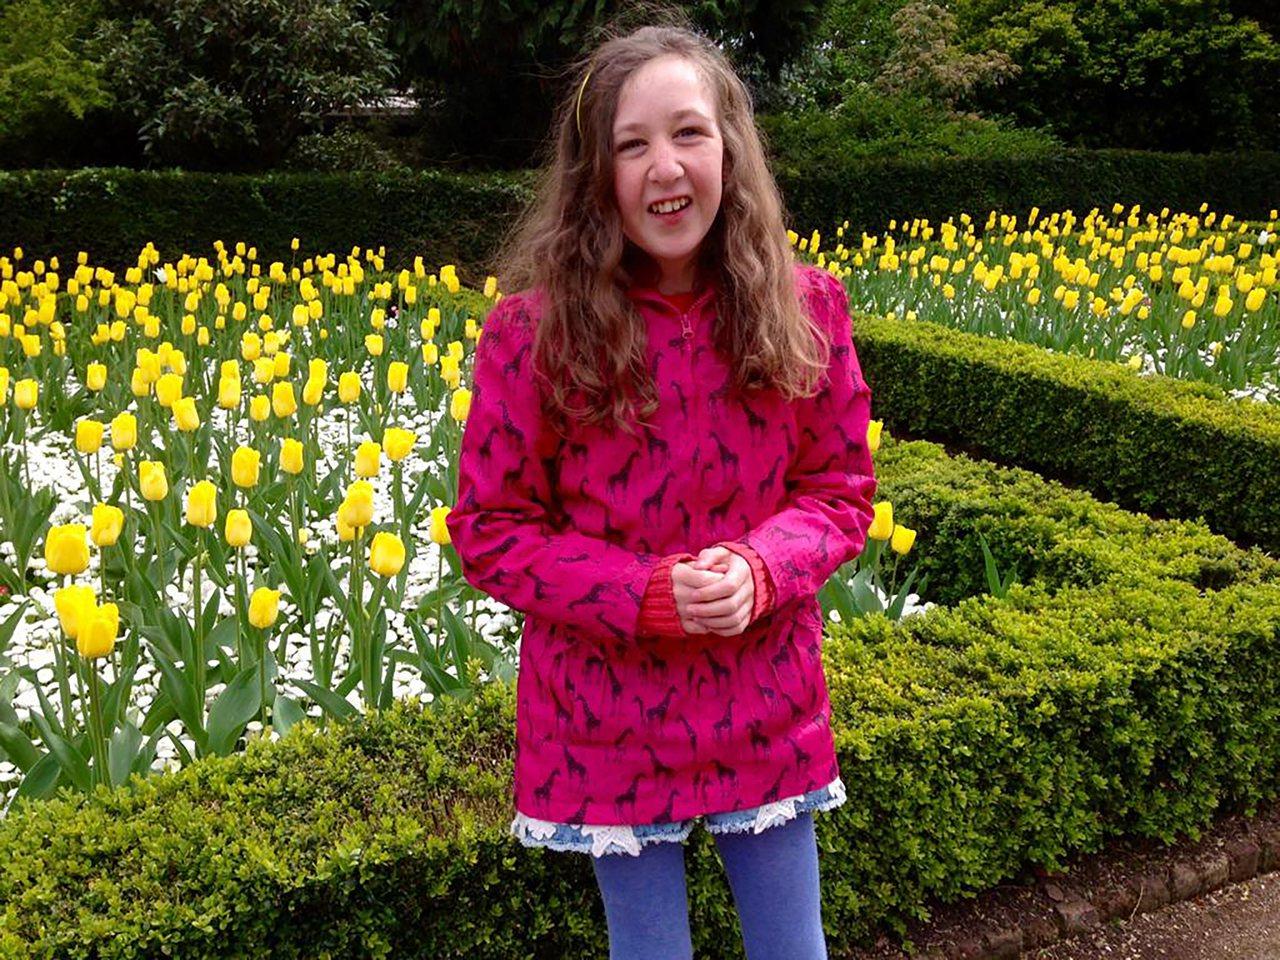 愛爾蘭15歲少女諾拉艾妮蔻爾倫(Nora Anne Quoirin)8月初與家人...